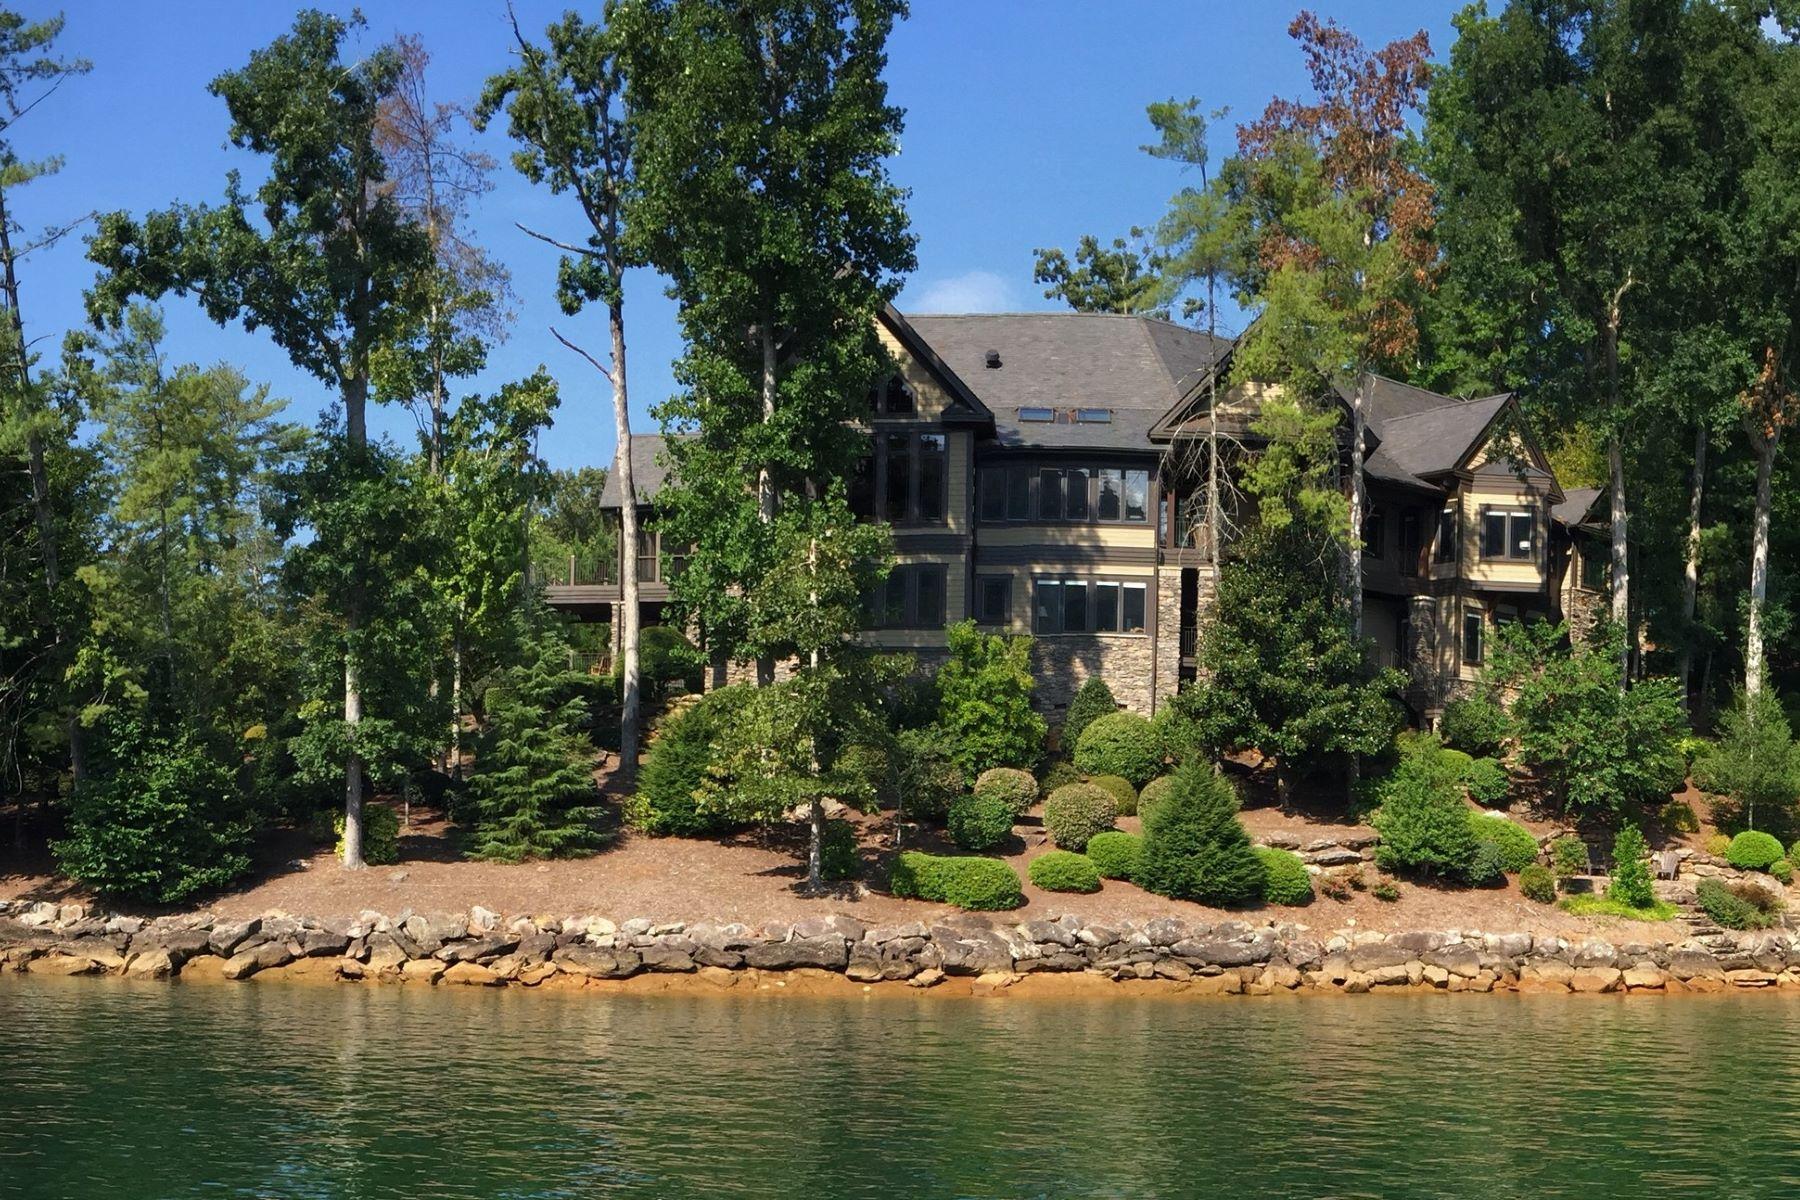 Einfamilienhaus für Verkauf beim Outstanding Lakeside Retreat With Breathtaking Views From a Superb Peninsula 107 Nine Bark Way The Cliffs At Keowee Vineyards, Sunset, South Carolina, 29685 Vereinigte Staaten